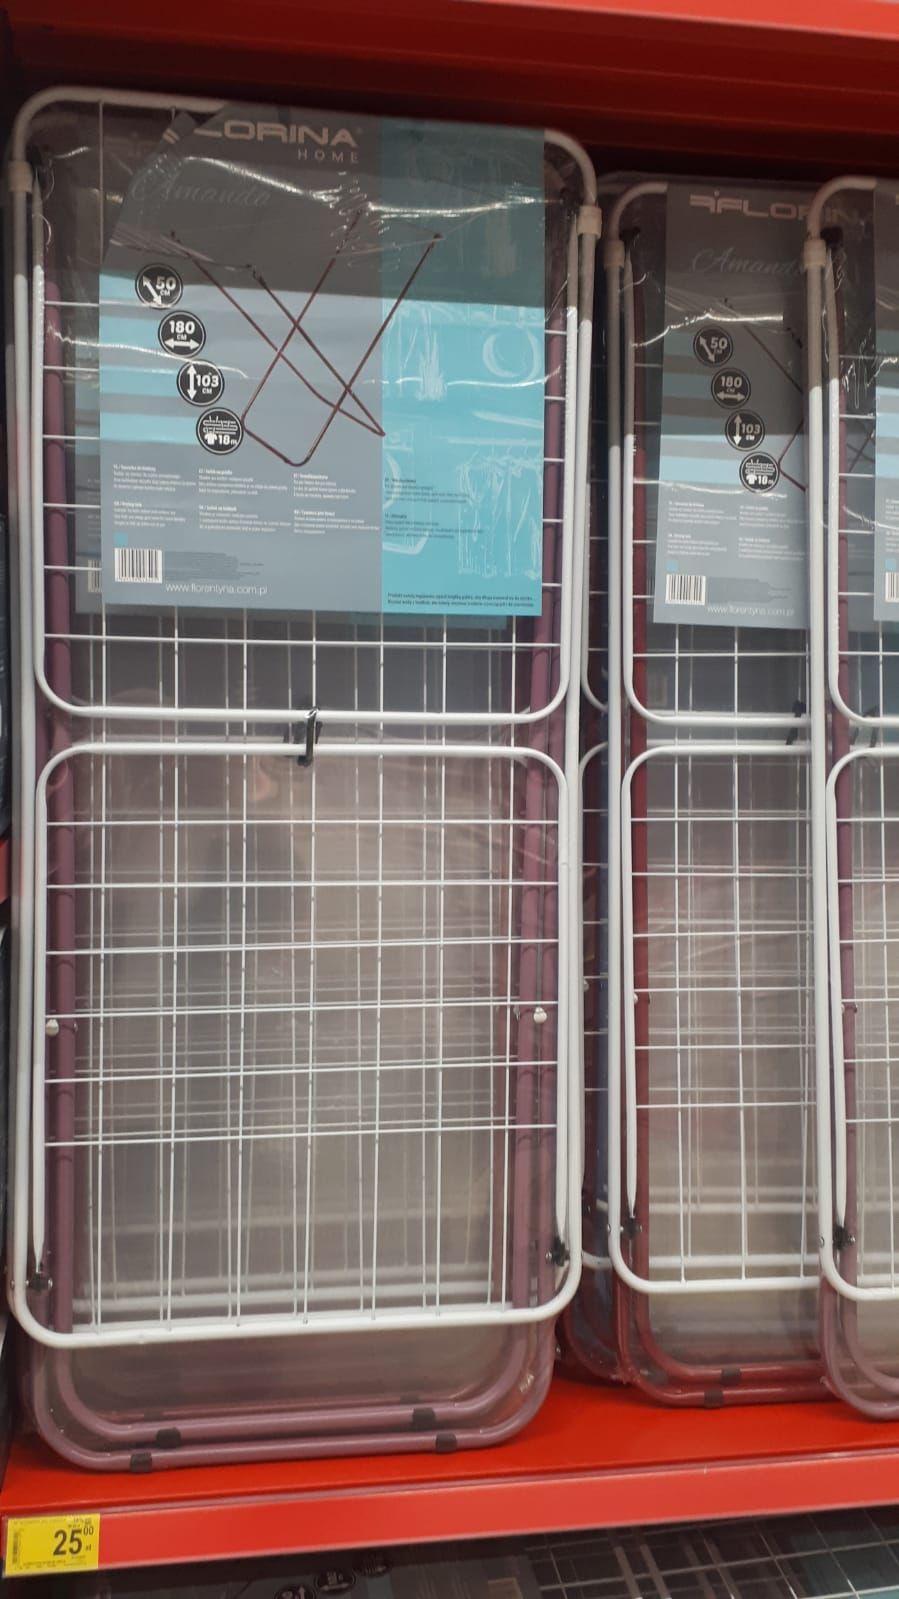 Suszarka balkonowa za 25 zł, Skarpety Męskie Pierre Cardin za 15zł i inne produkty @ Carrefour (strefa outlet)